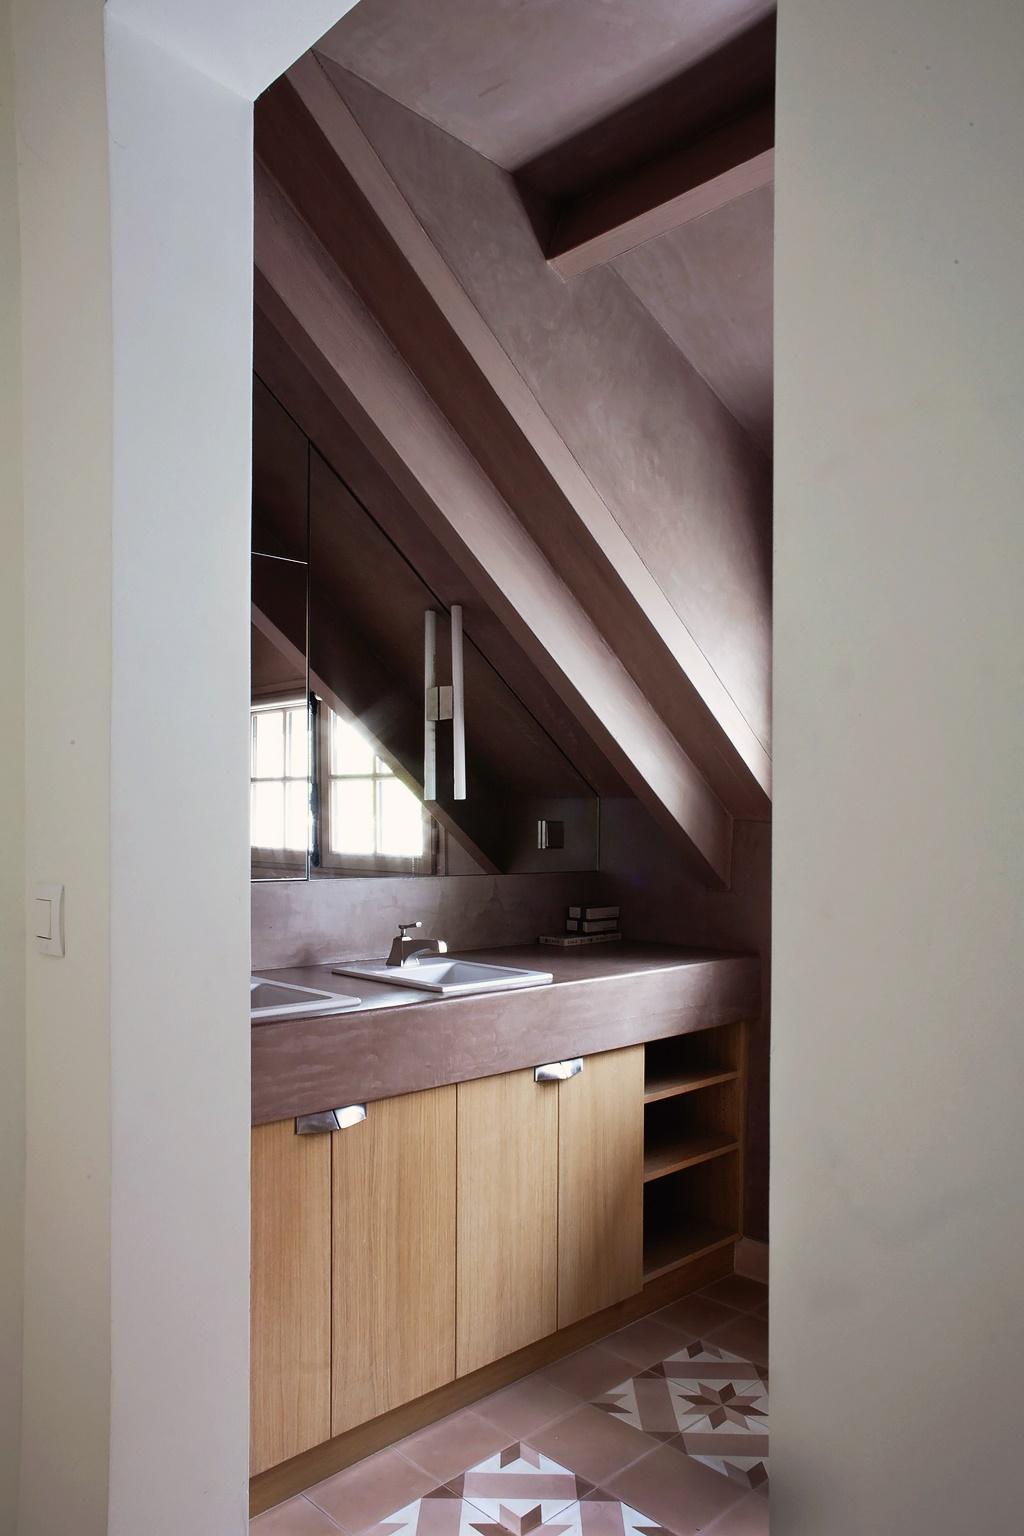 Olivier-Chabaud-Architecte-MAISON-V-Villennes-sur-Seine-8